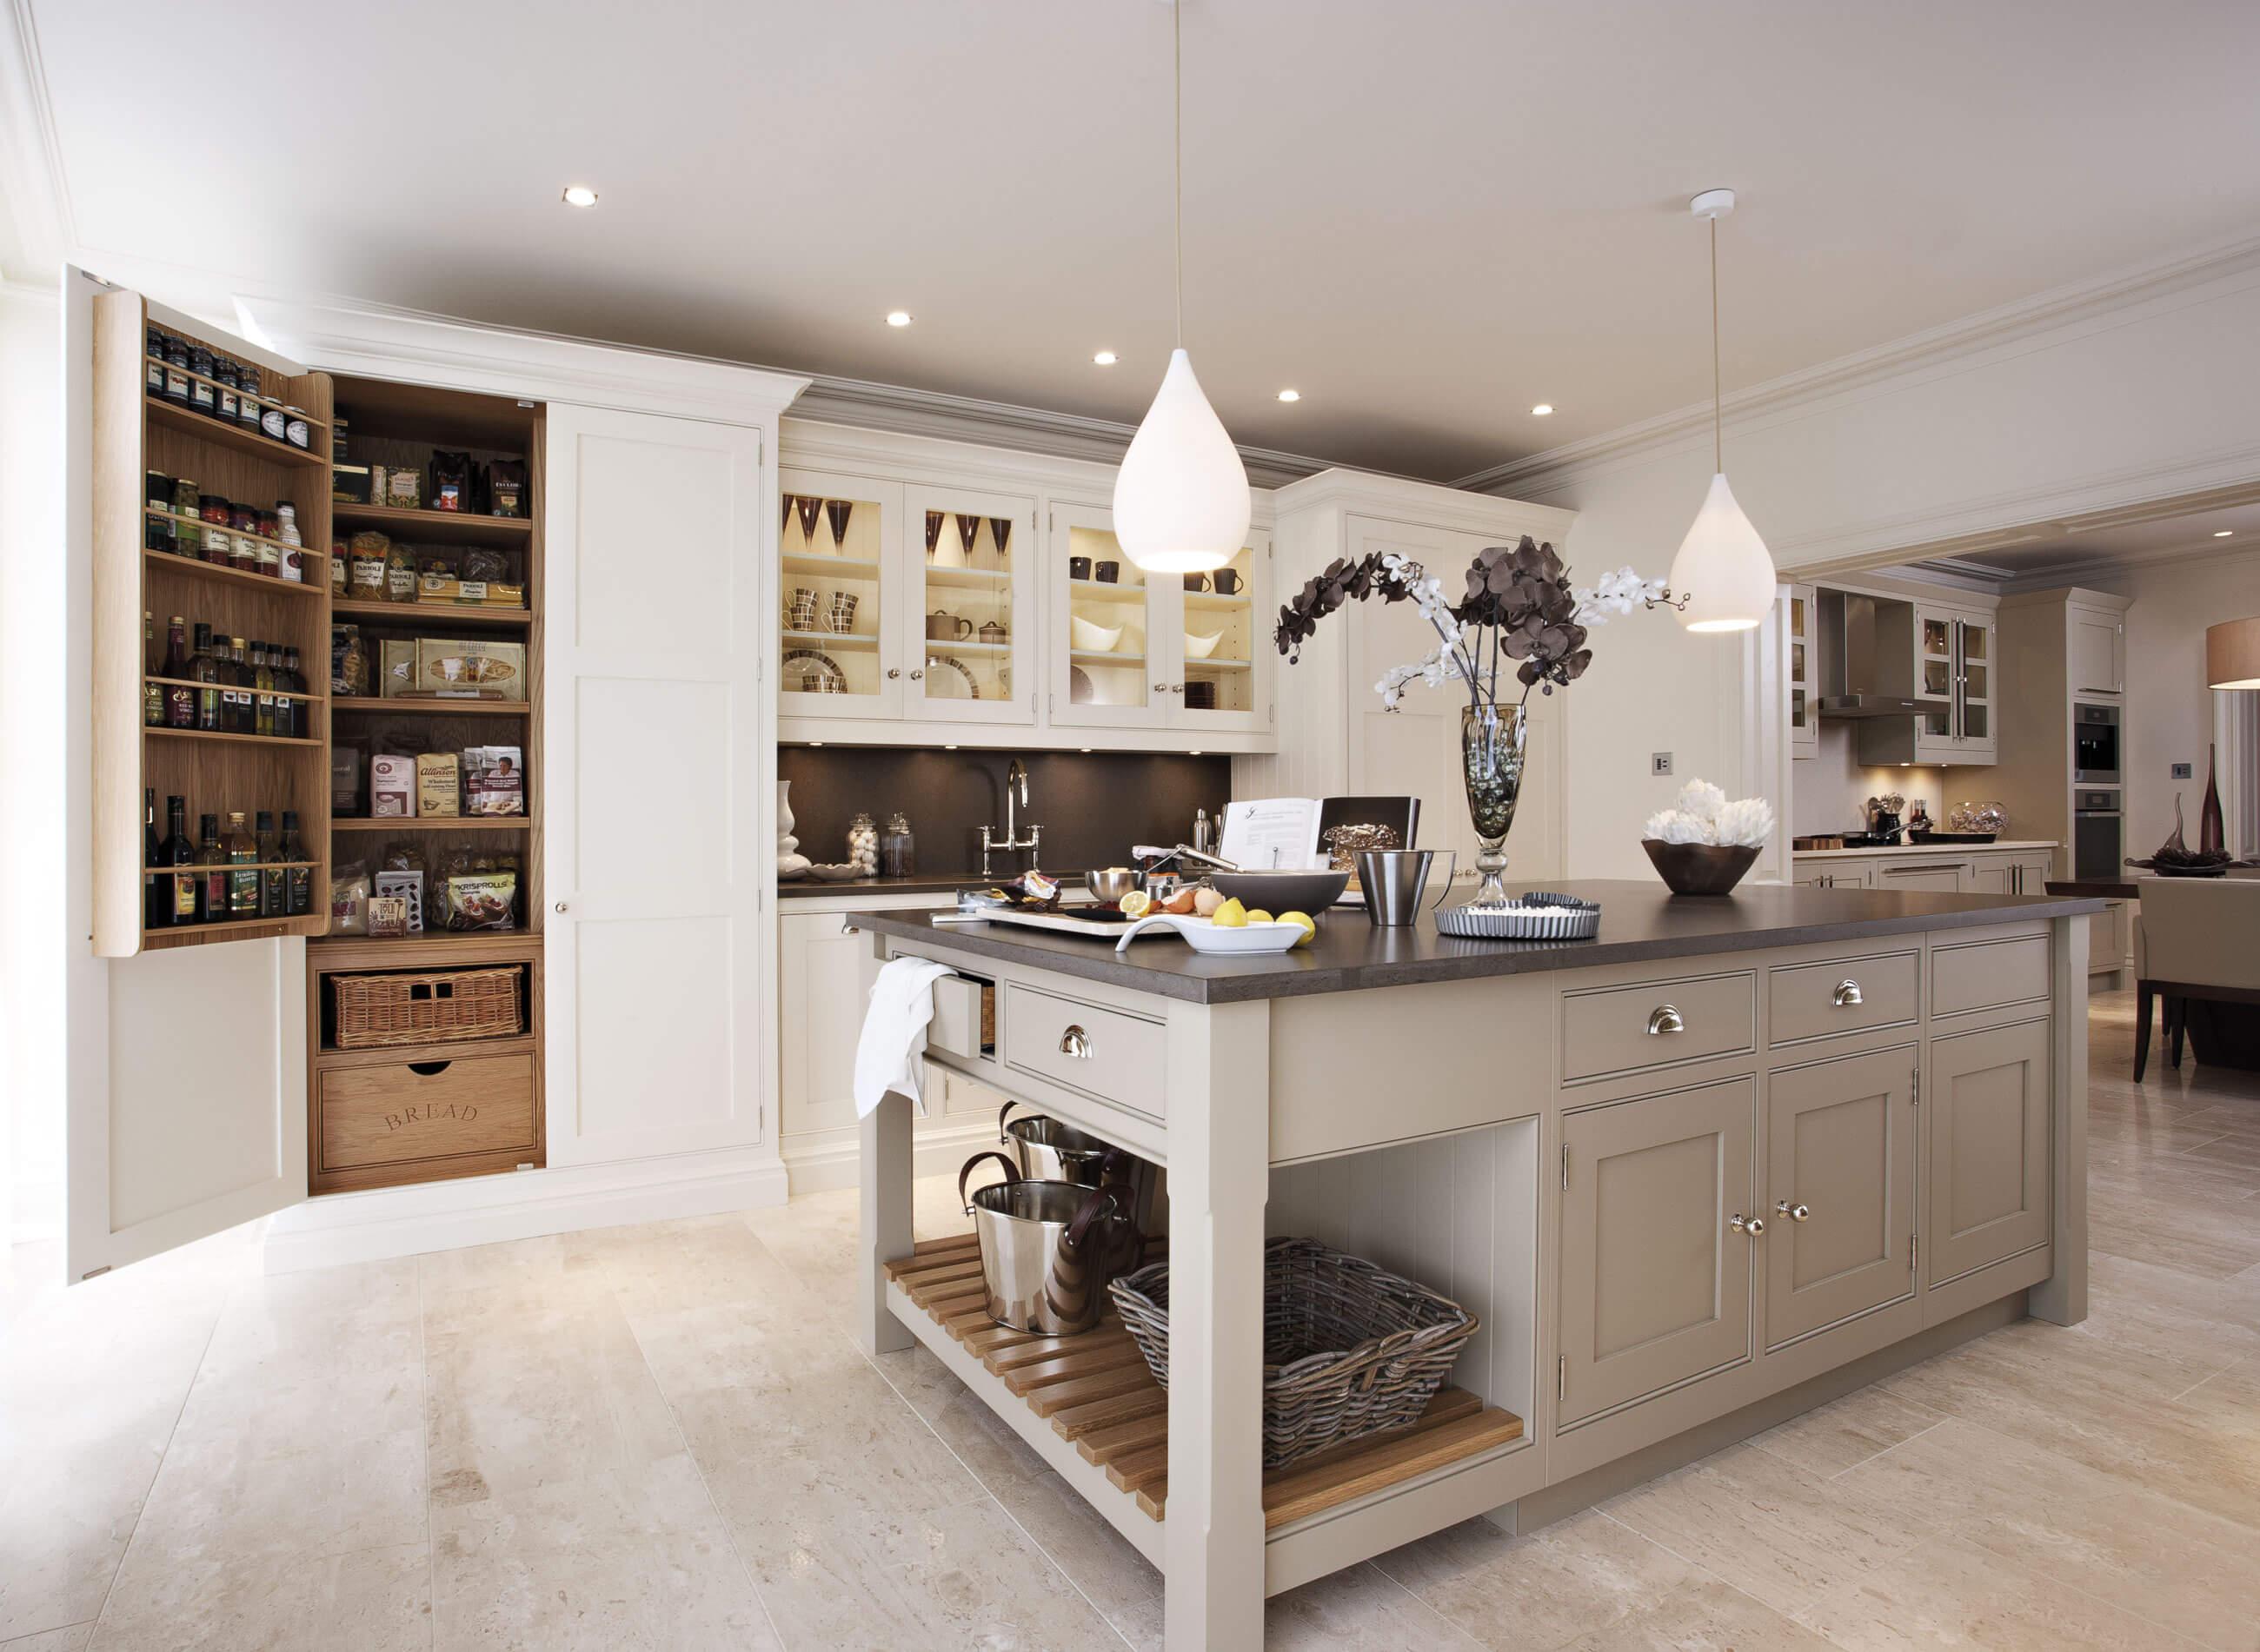 Chọn mẫu tủ bếp hiện đại như thế nào cho ngôi nhà của bạn? thumbnail